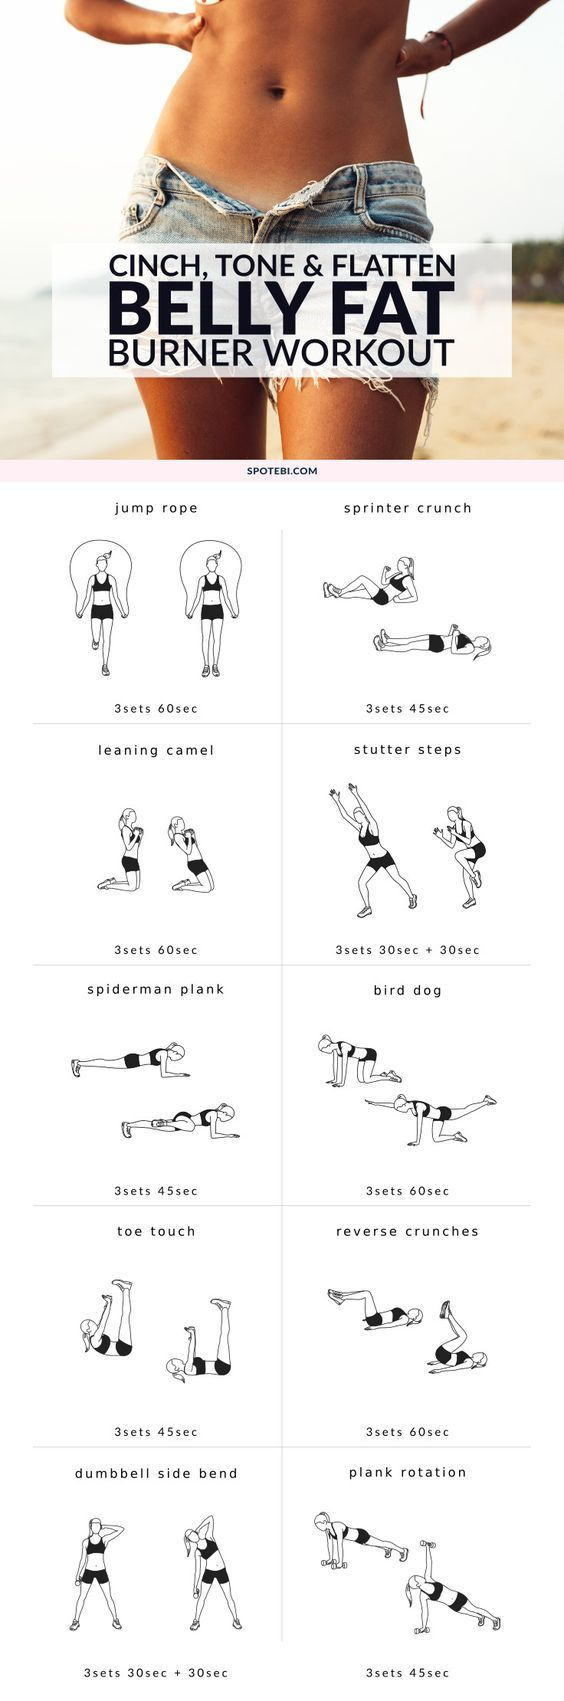 Aplanar sus músculos abdominales y la explosión de calorías con estos 10 movimientos! Un quemador de grasa del vientre ejercicios para tonificar su abdomen, a fortalecer su núcleo y deshacerse de las manijas del amor. Mantener a esta rutina y obtener el vientre plano y firme que siempre has querido! http://www.spotebi.com/workout-routines/belly-fat-burner-workout-for-women/